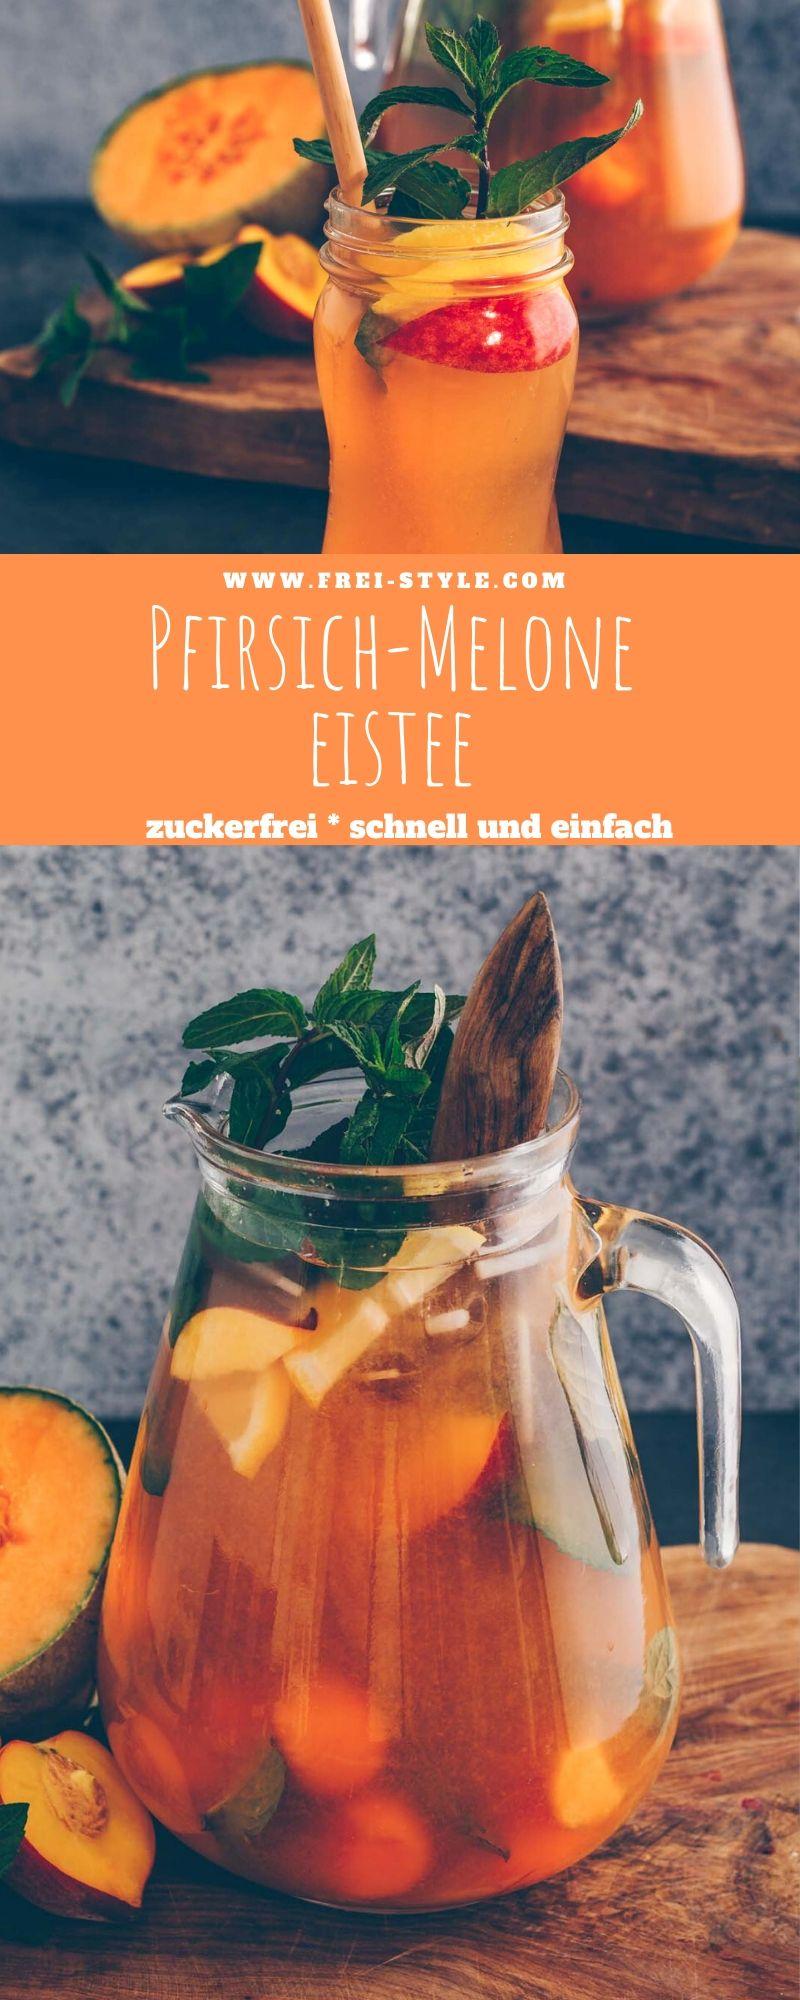 Pfirsich Melone Eistee